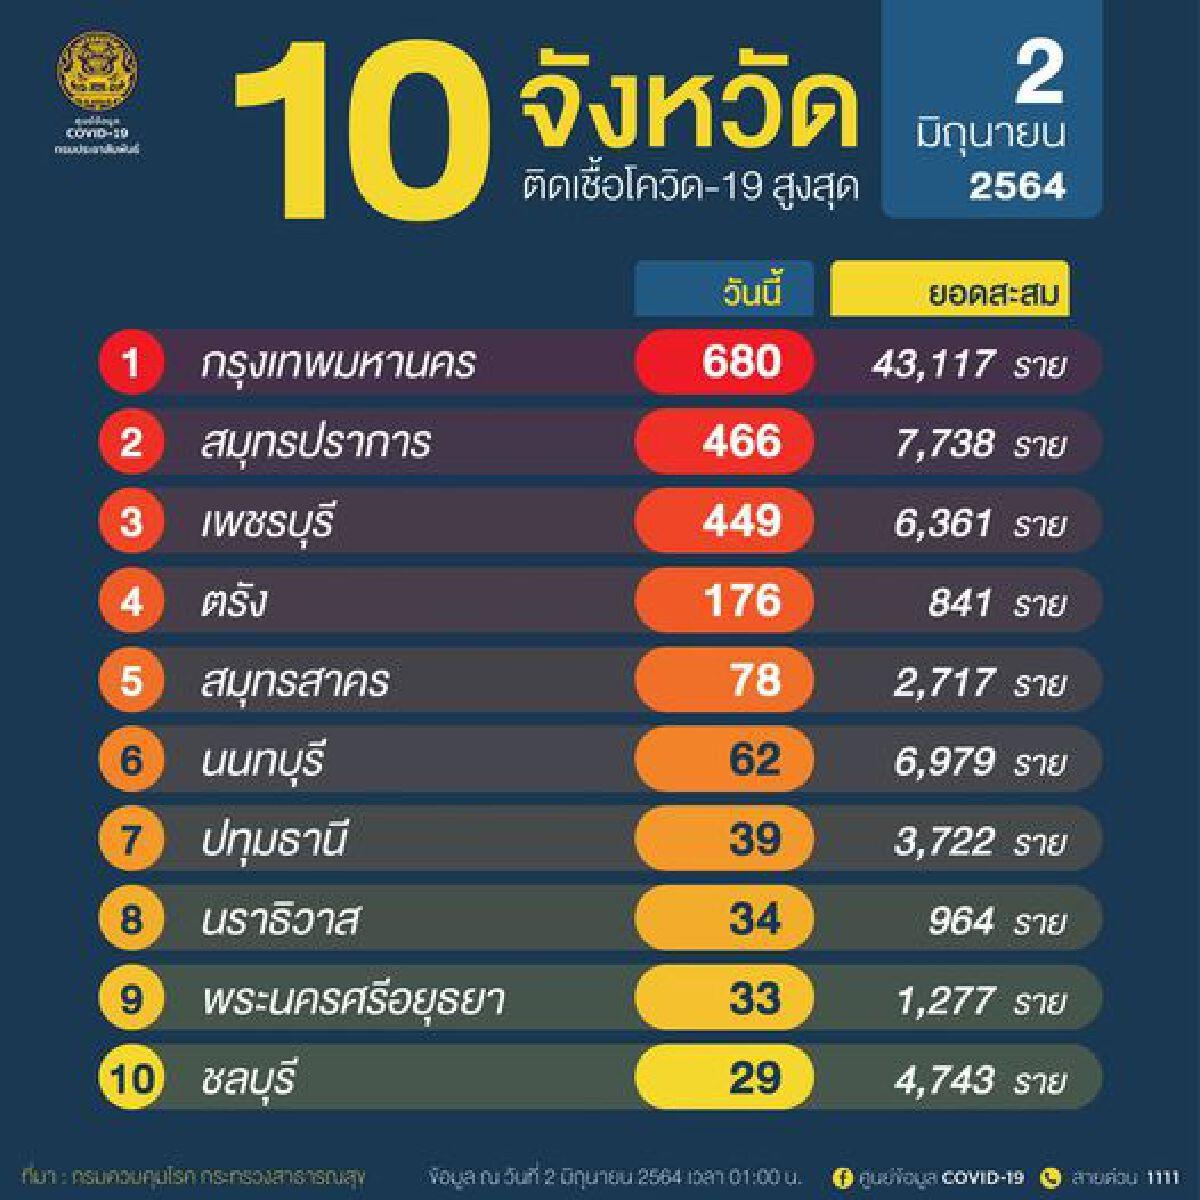 10 อันดับจังหวัดที่จำนวนผู้ติดโควิด-19 ในประเทศรายใหม่สูงสุด 2 มิ.ย. 64